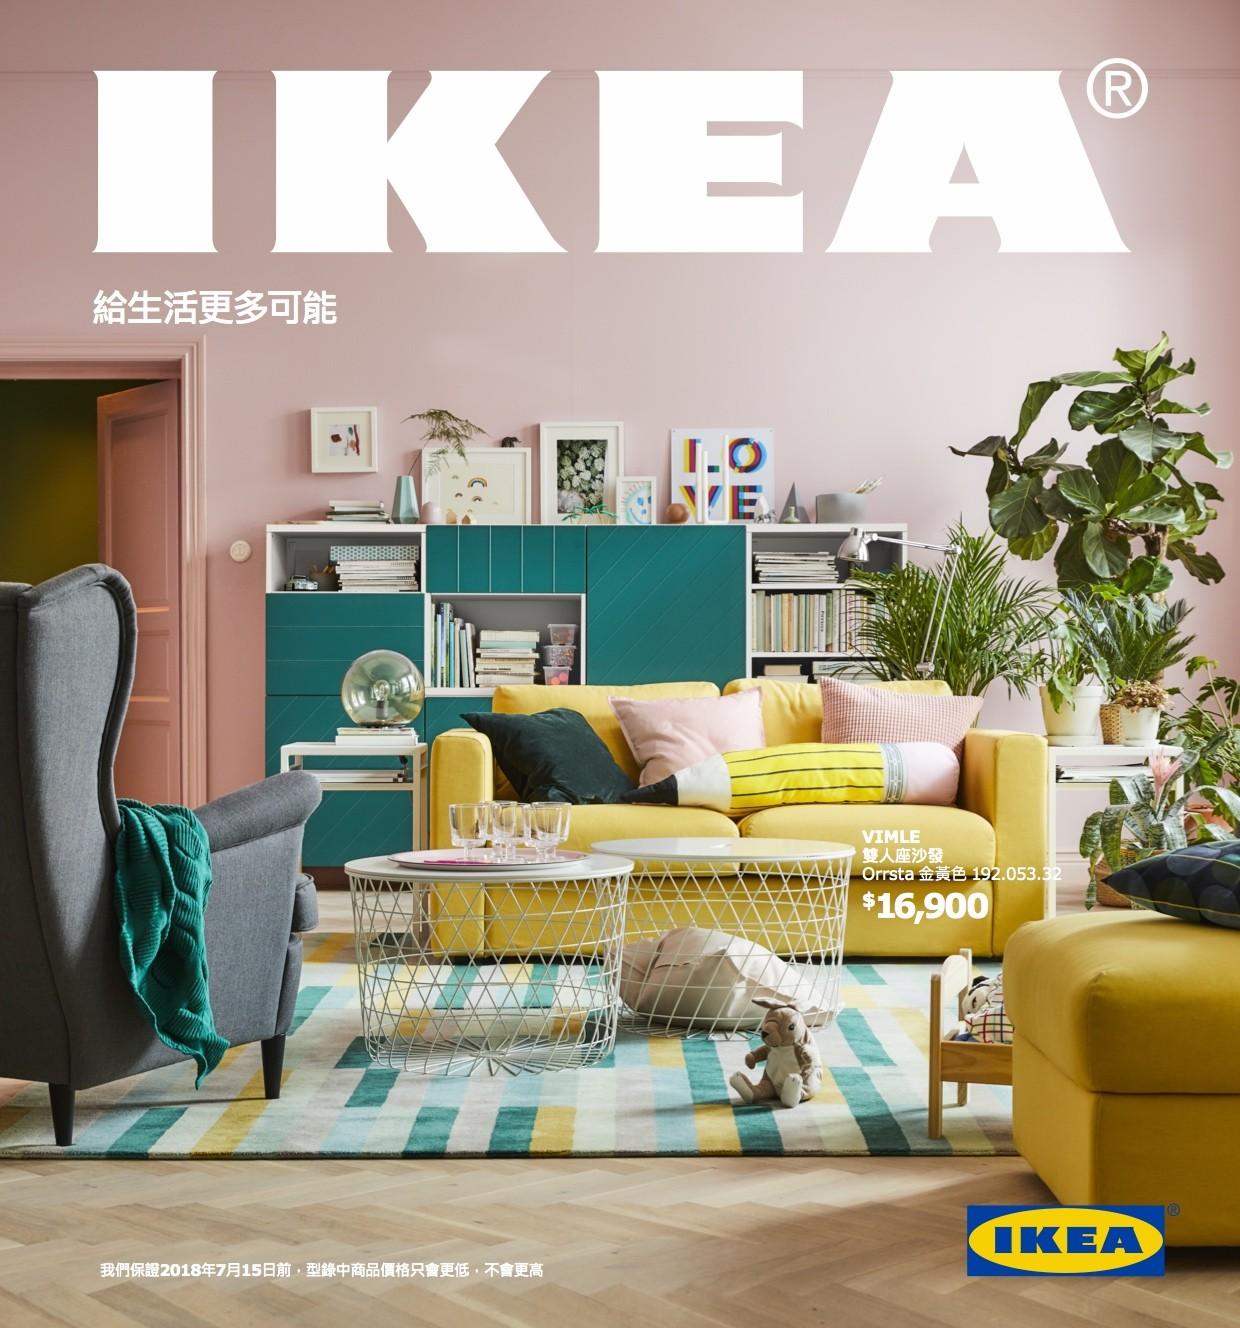 ▲IKEA推出新品。(圖/IKEA提供)